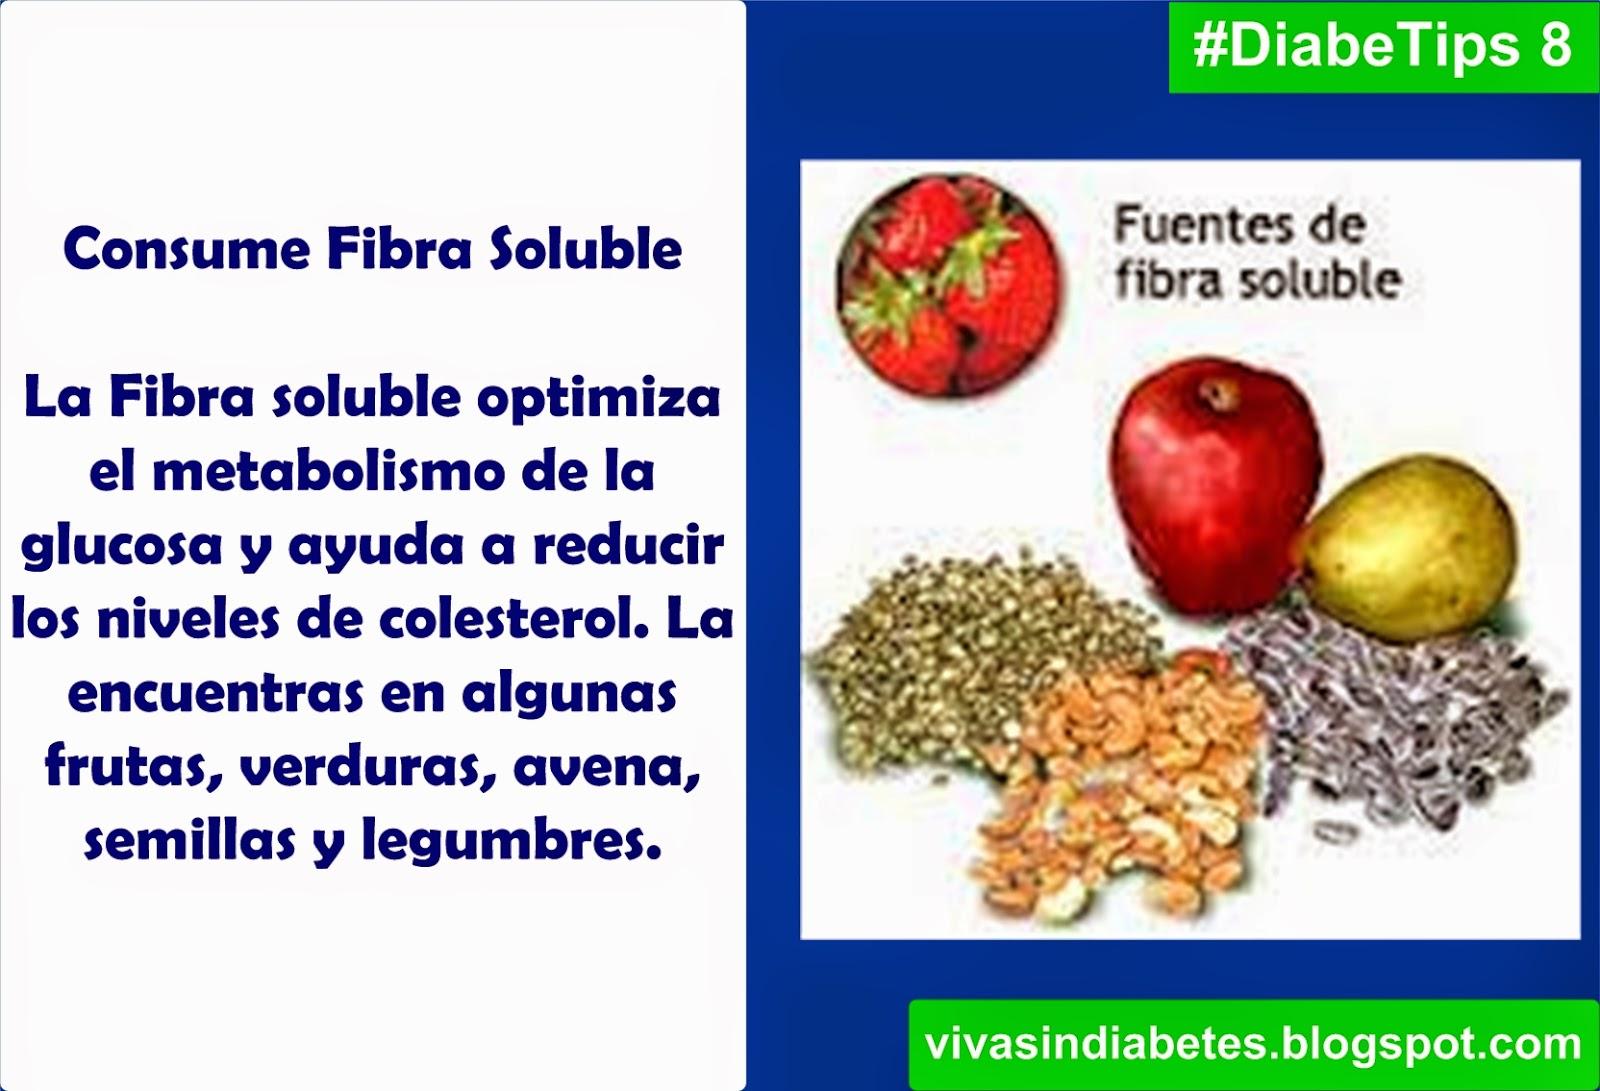 #DiabeTips 6 al 10: Los Mejores consejos para combatir la